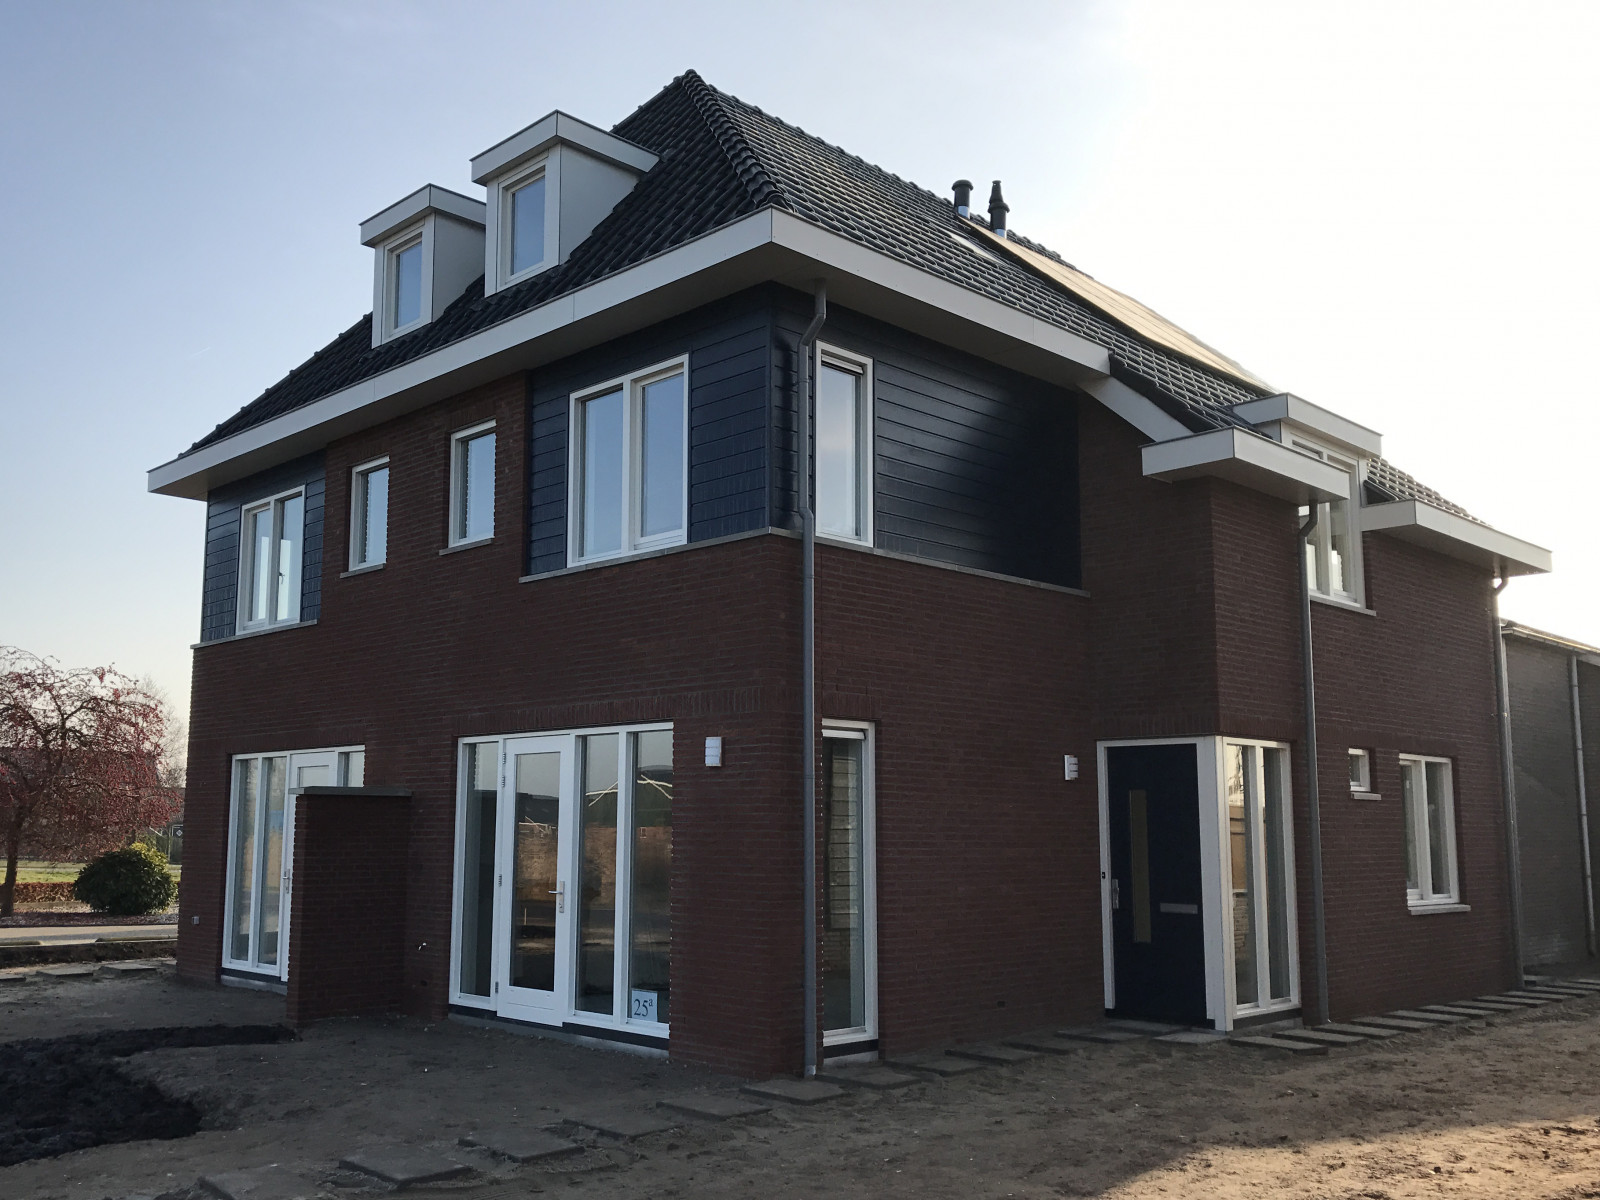 Nieuwbouw woningen Hofwegen 25 a en B Meerkerk Bouwprojecten 42